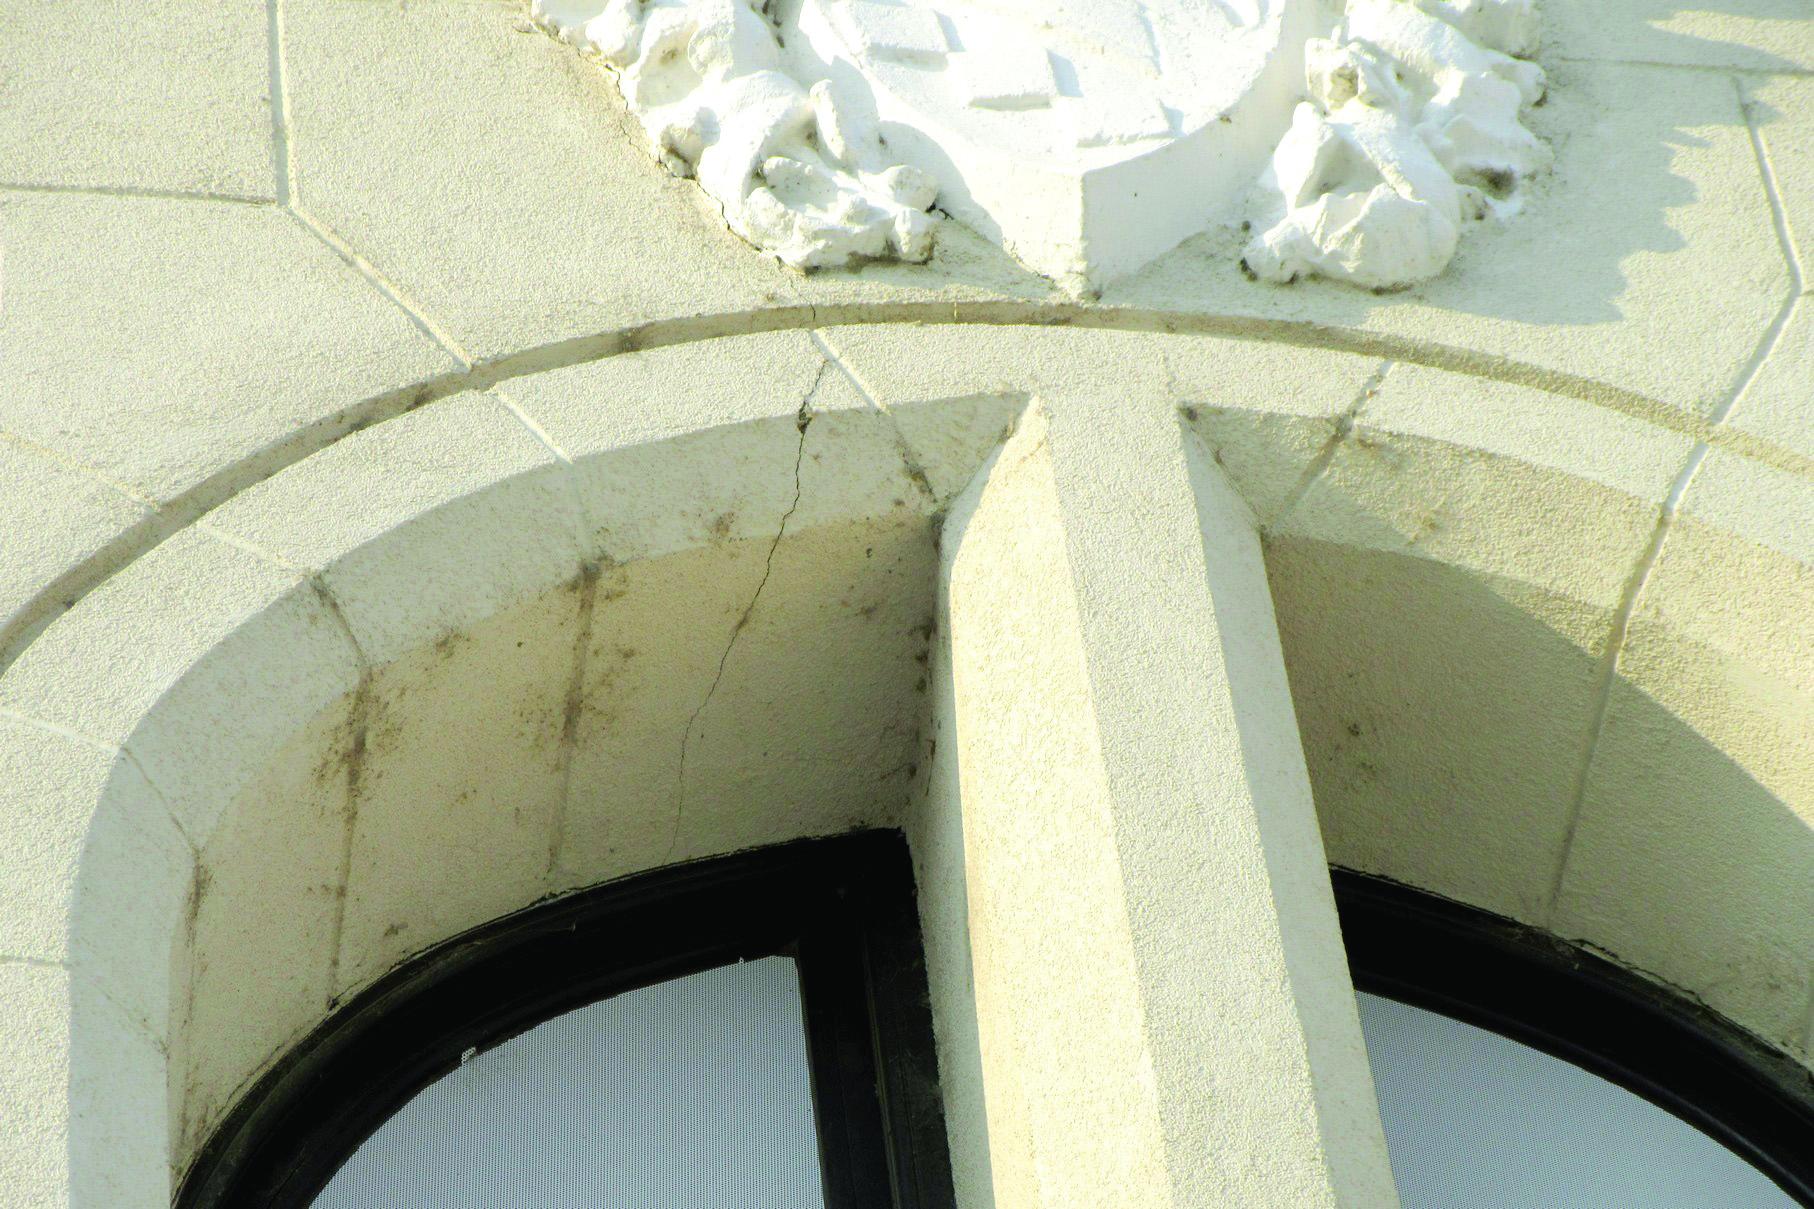 Iași: Au apărut fisuri la Palatul Culturii, clădire inaugurată anul trecut, după ce a fost restaurată cu 23 de milioane de euro 7